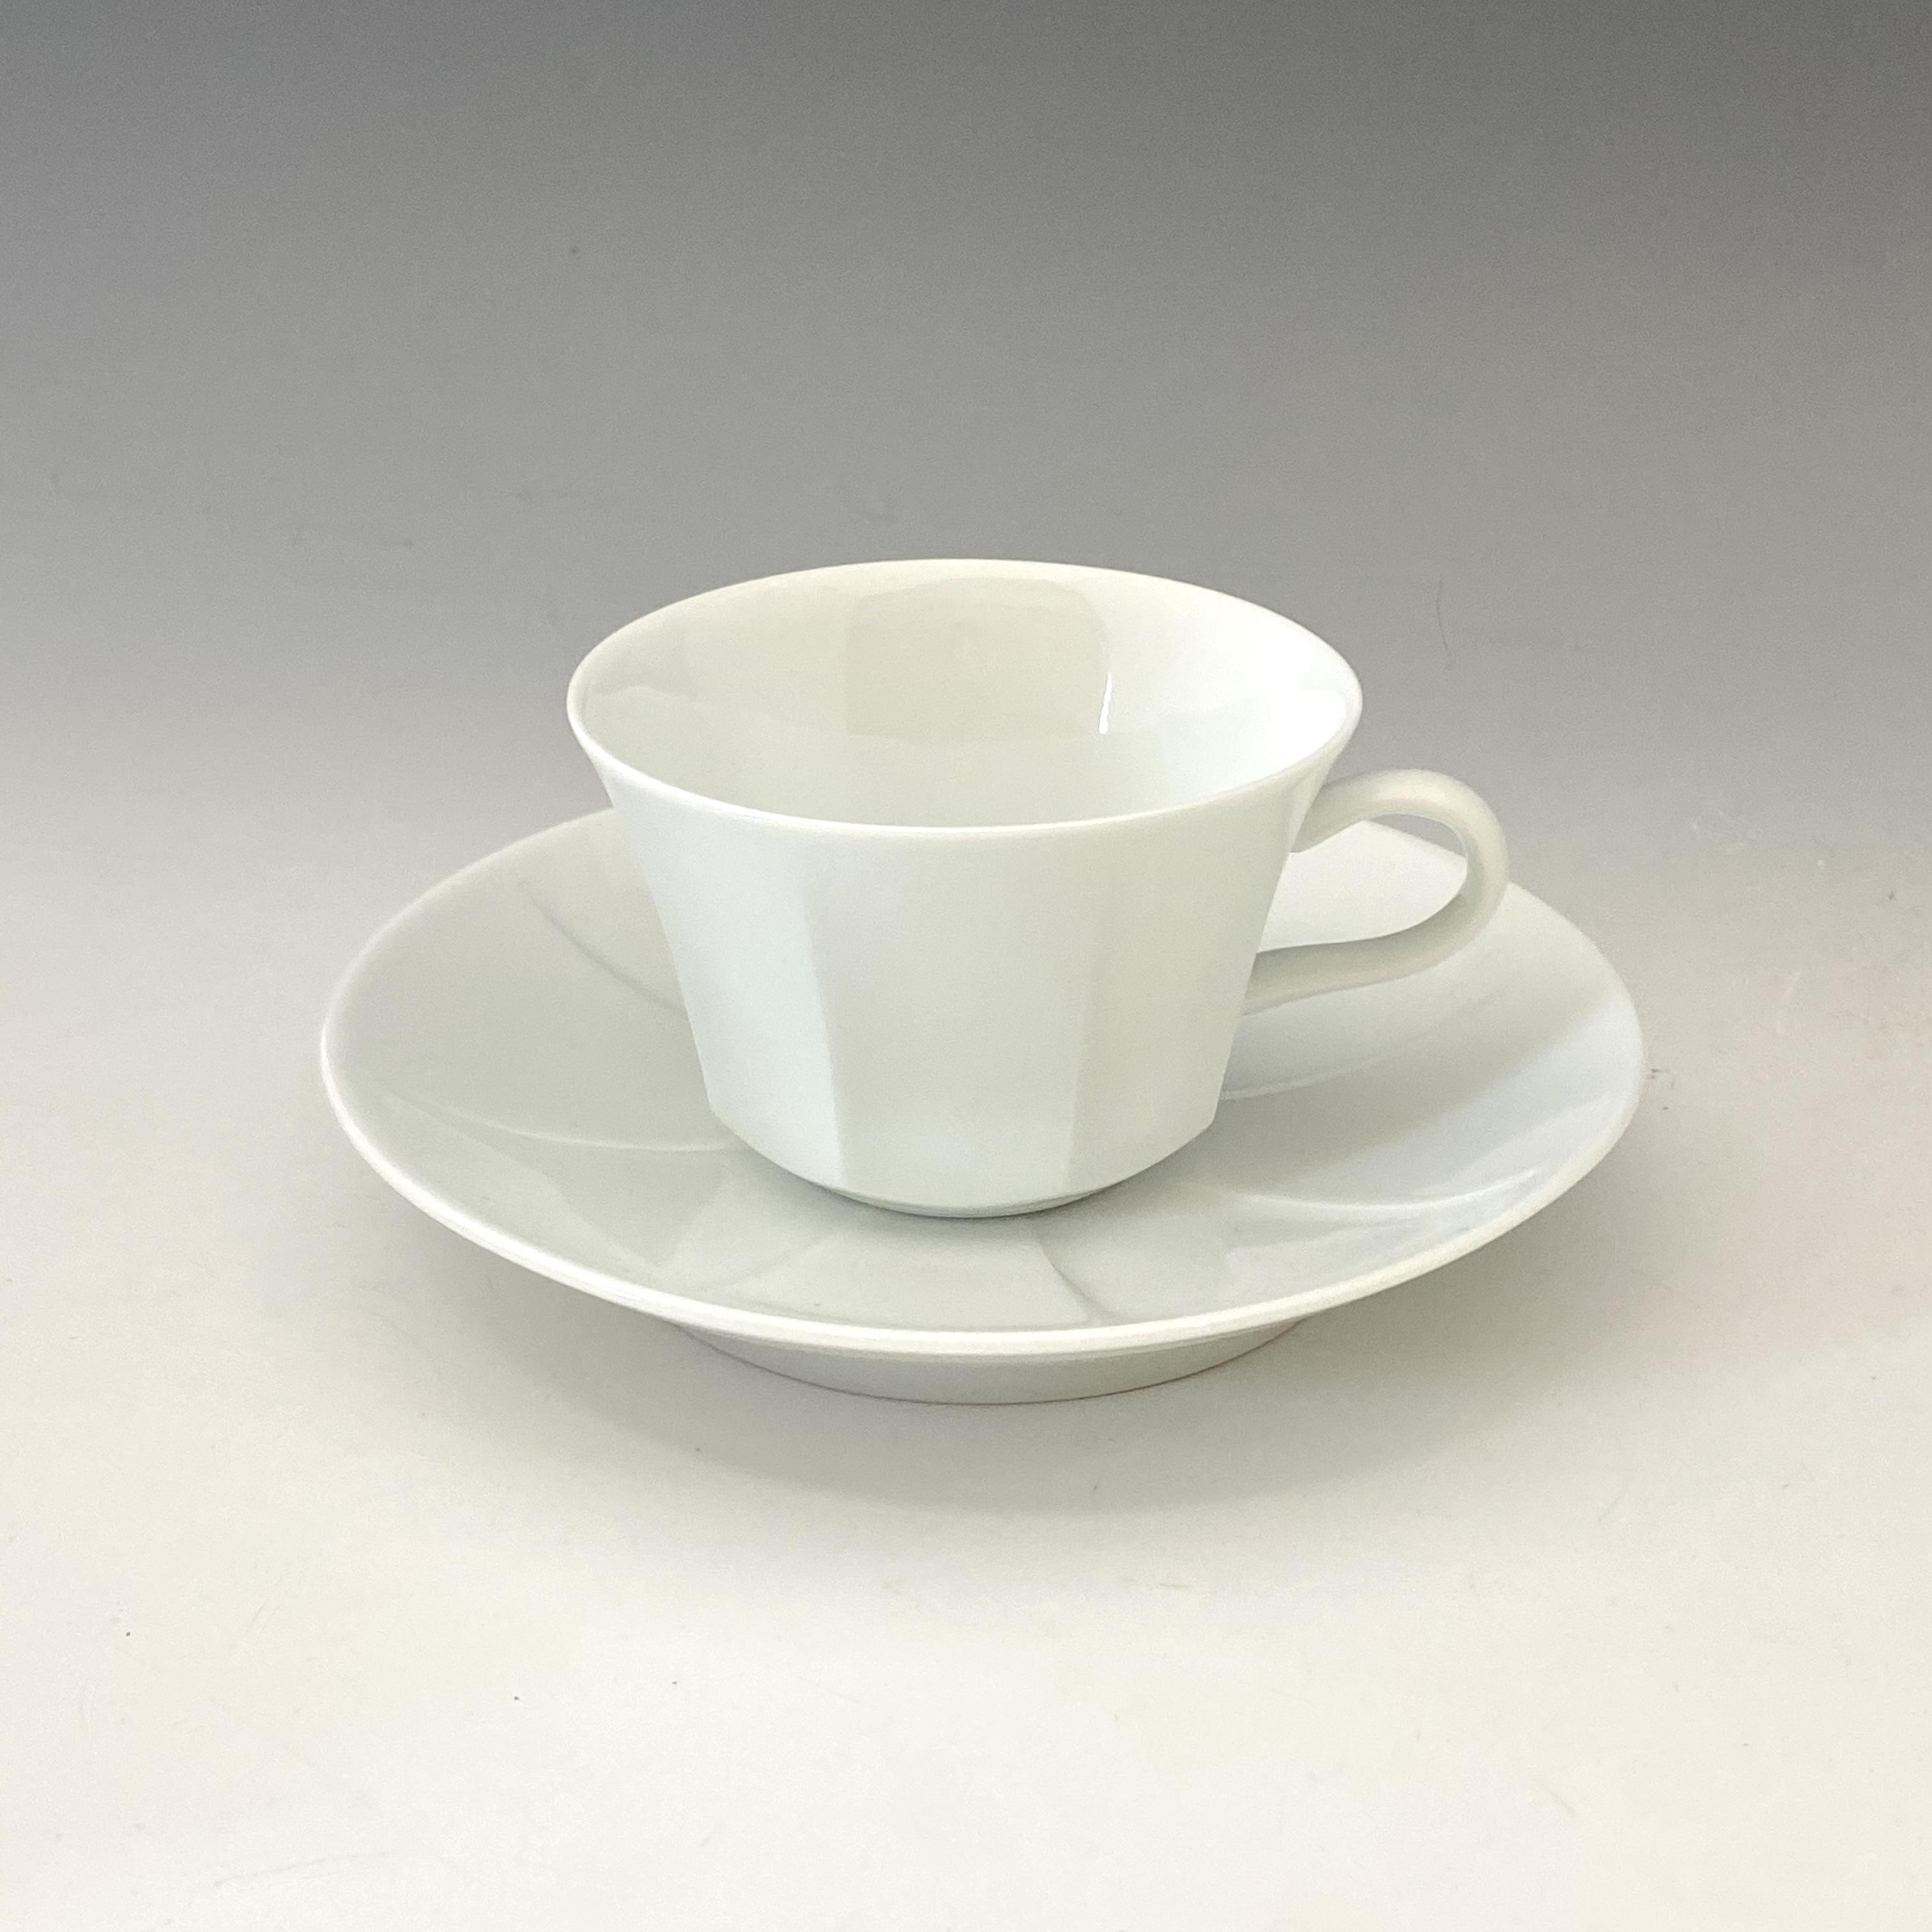 【中尾純】白磁紅茶碗皿(縦)